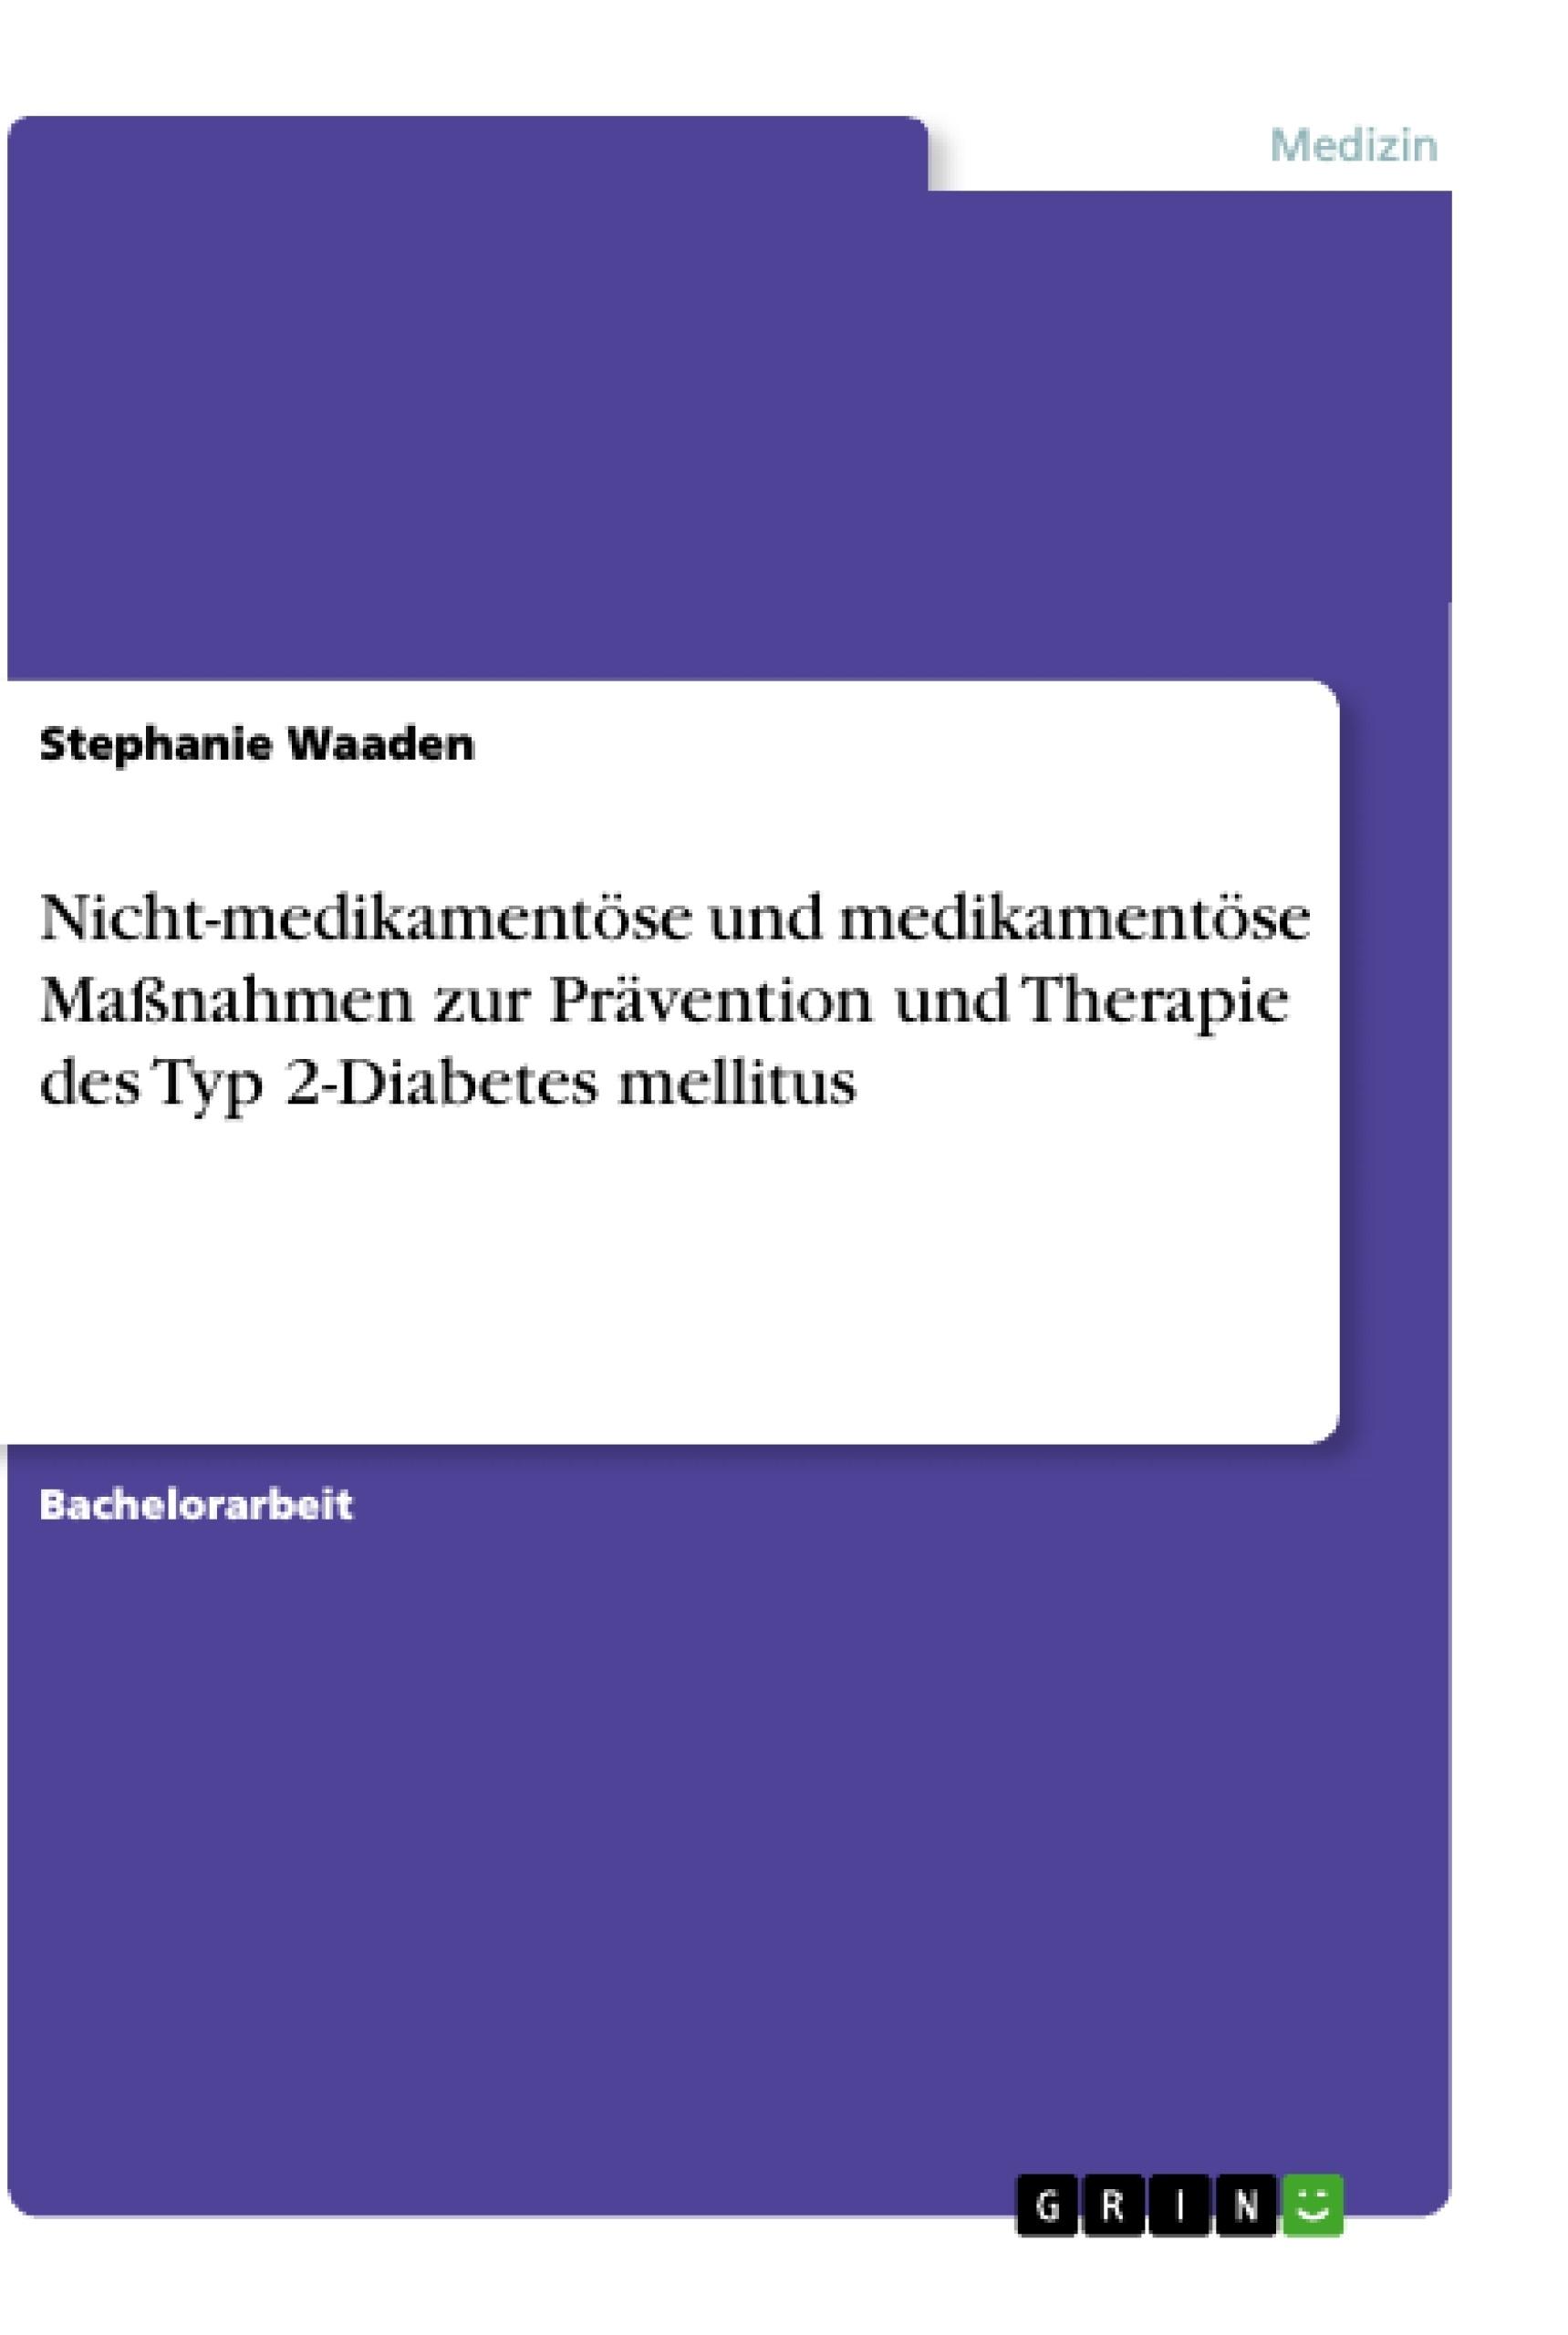 Titel: Nicht-medikamentöse und medikamentöse Maßnahmen zur Prävention und Therapie des Typ 2-Diabetes mellitus